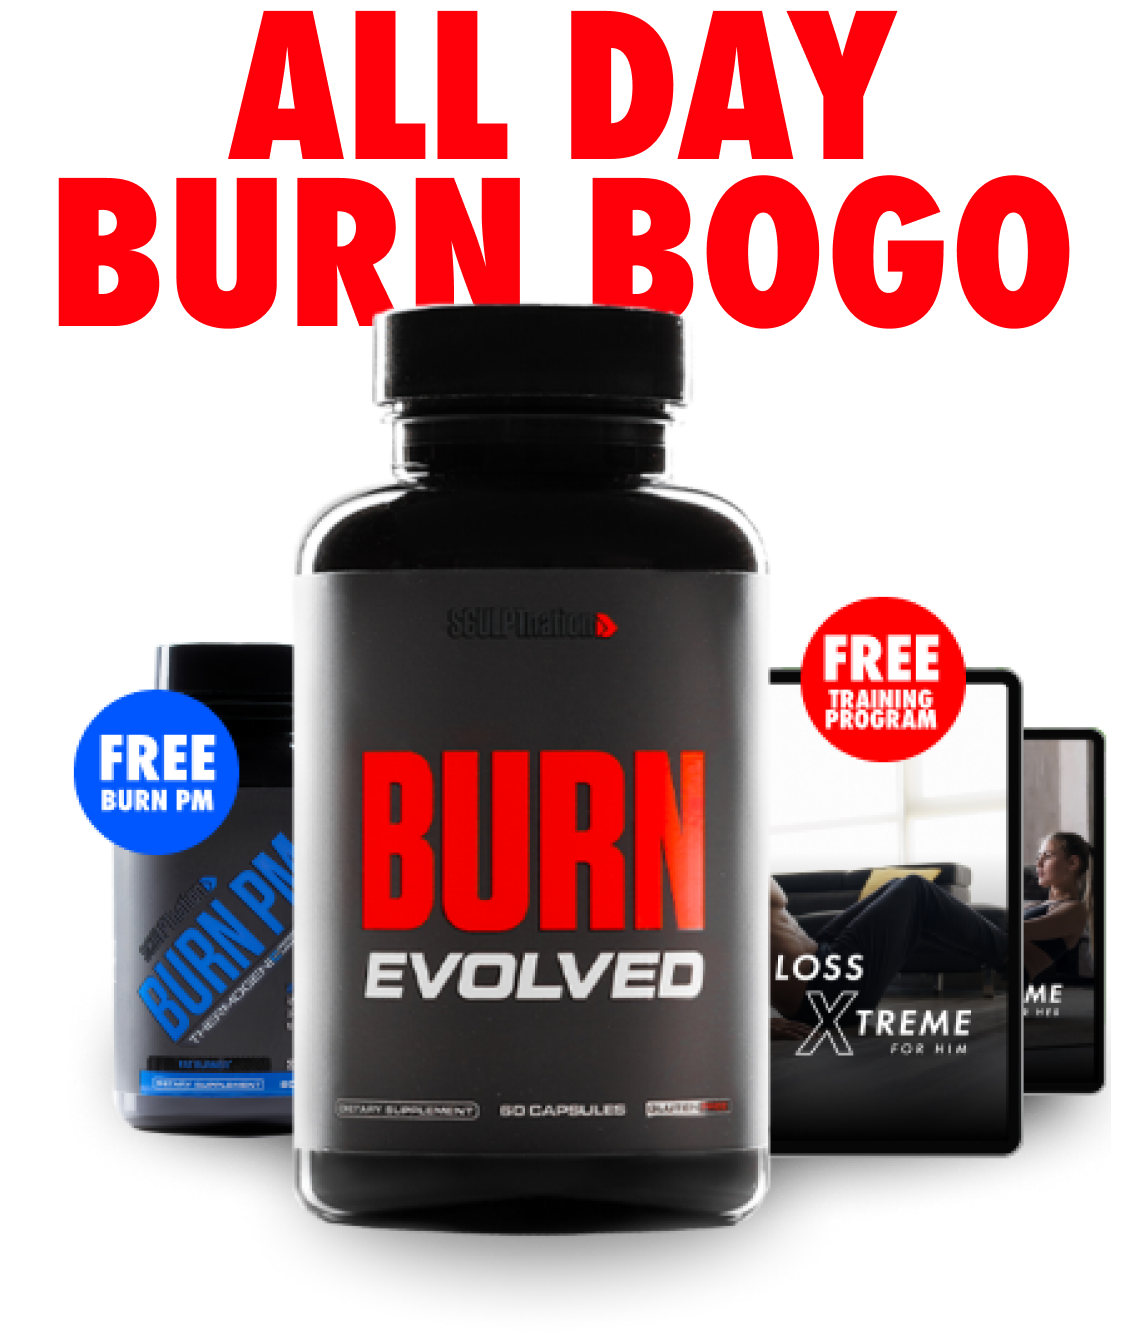 Burn BOGO Image